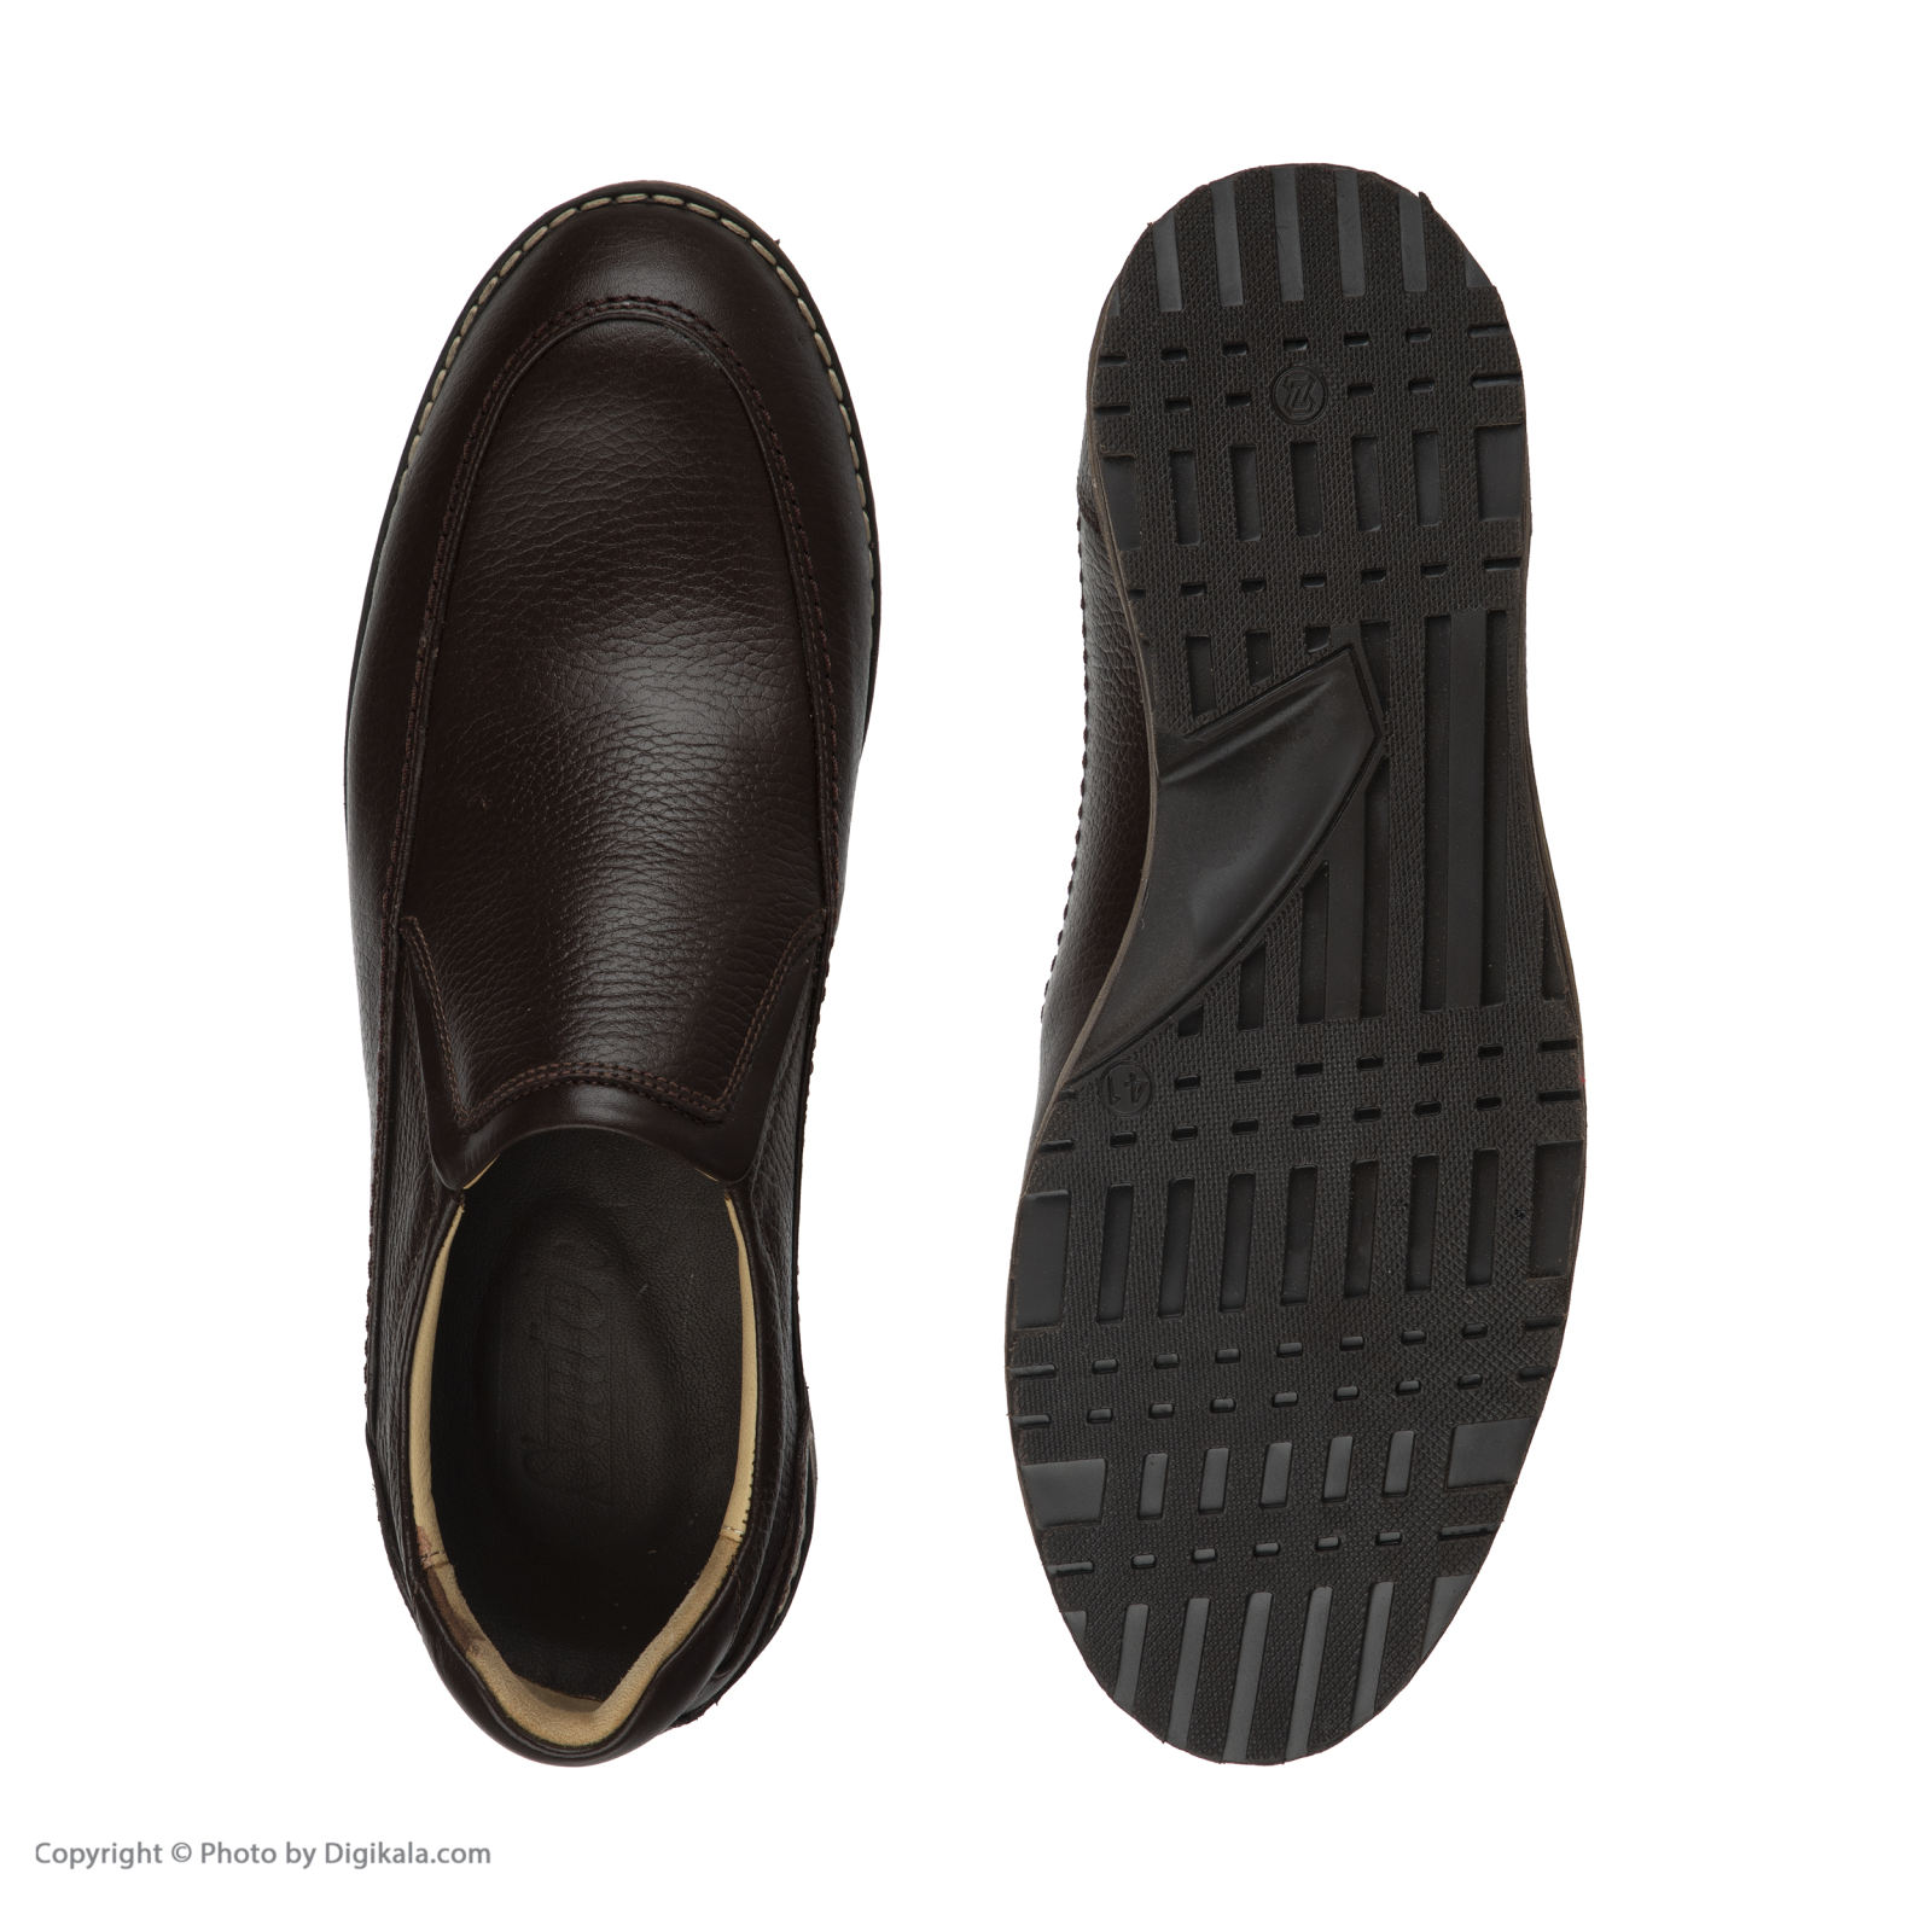 کفش روزمره مردانه سوته مدل 4824G503104 -  - 5